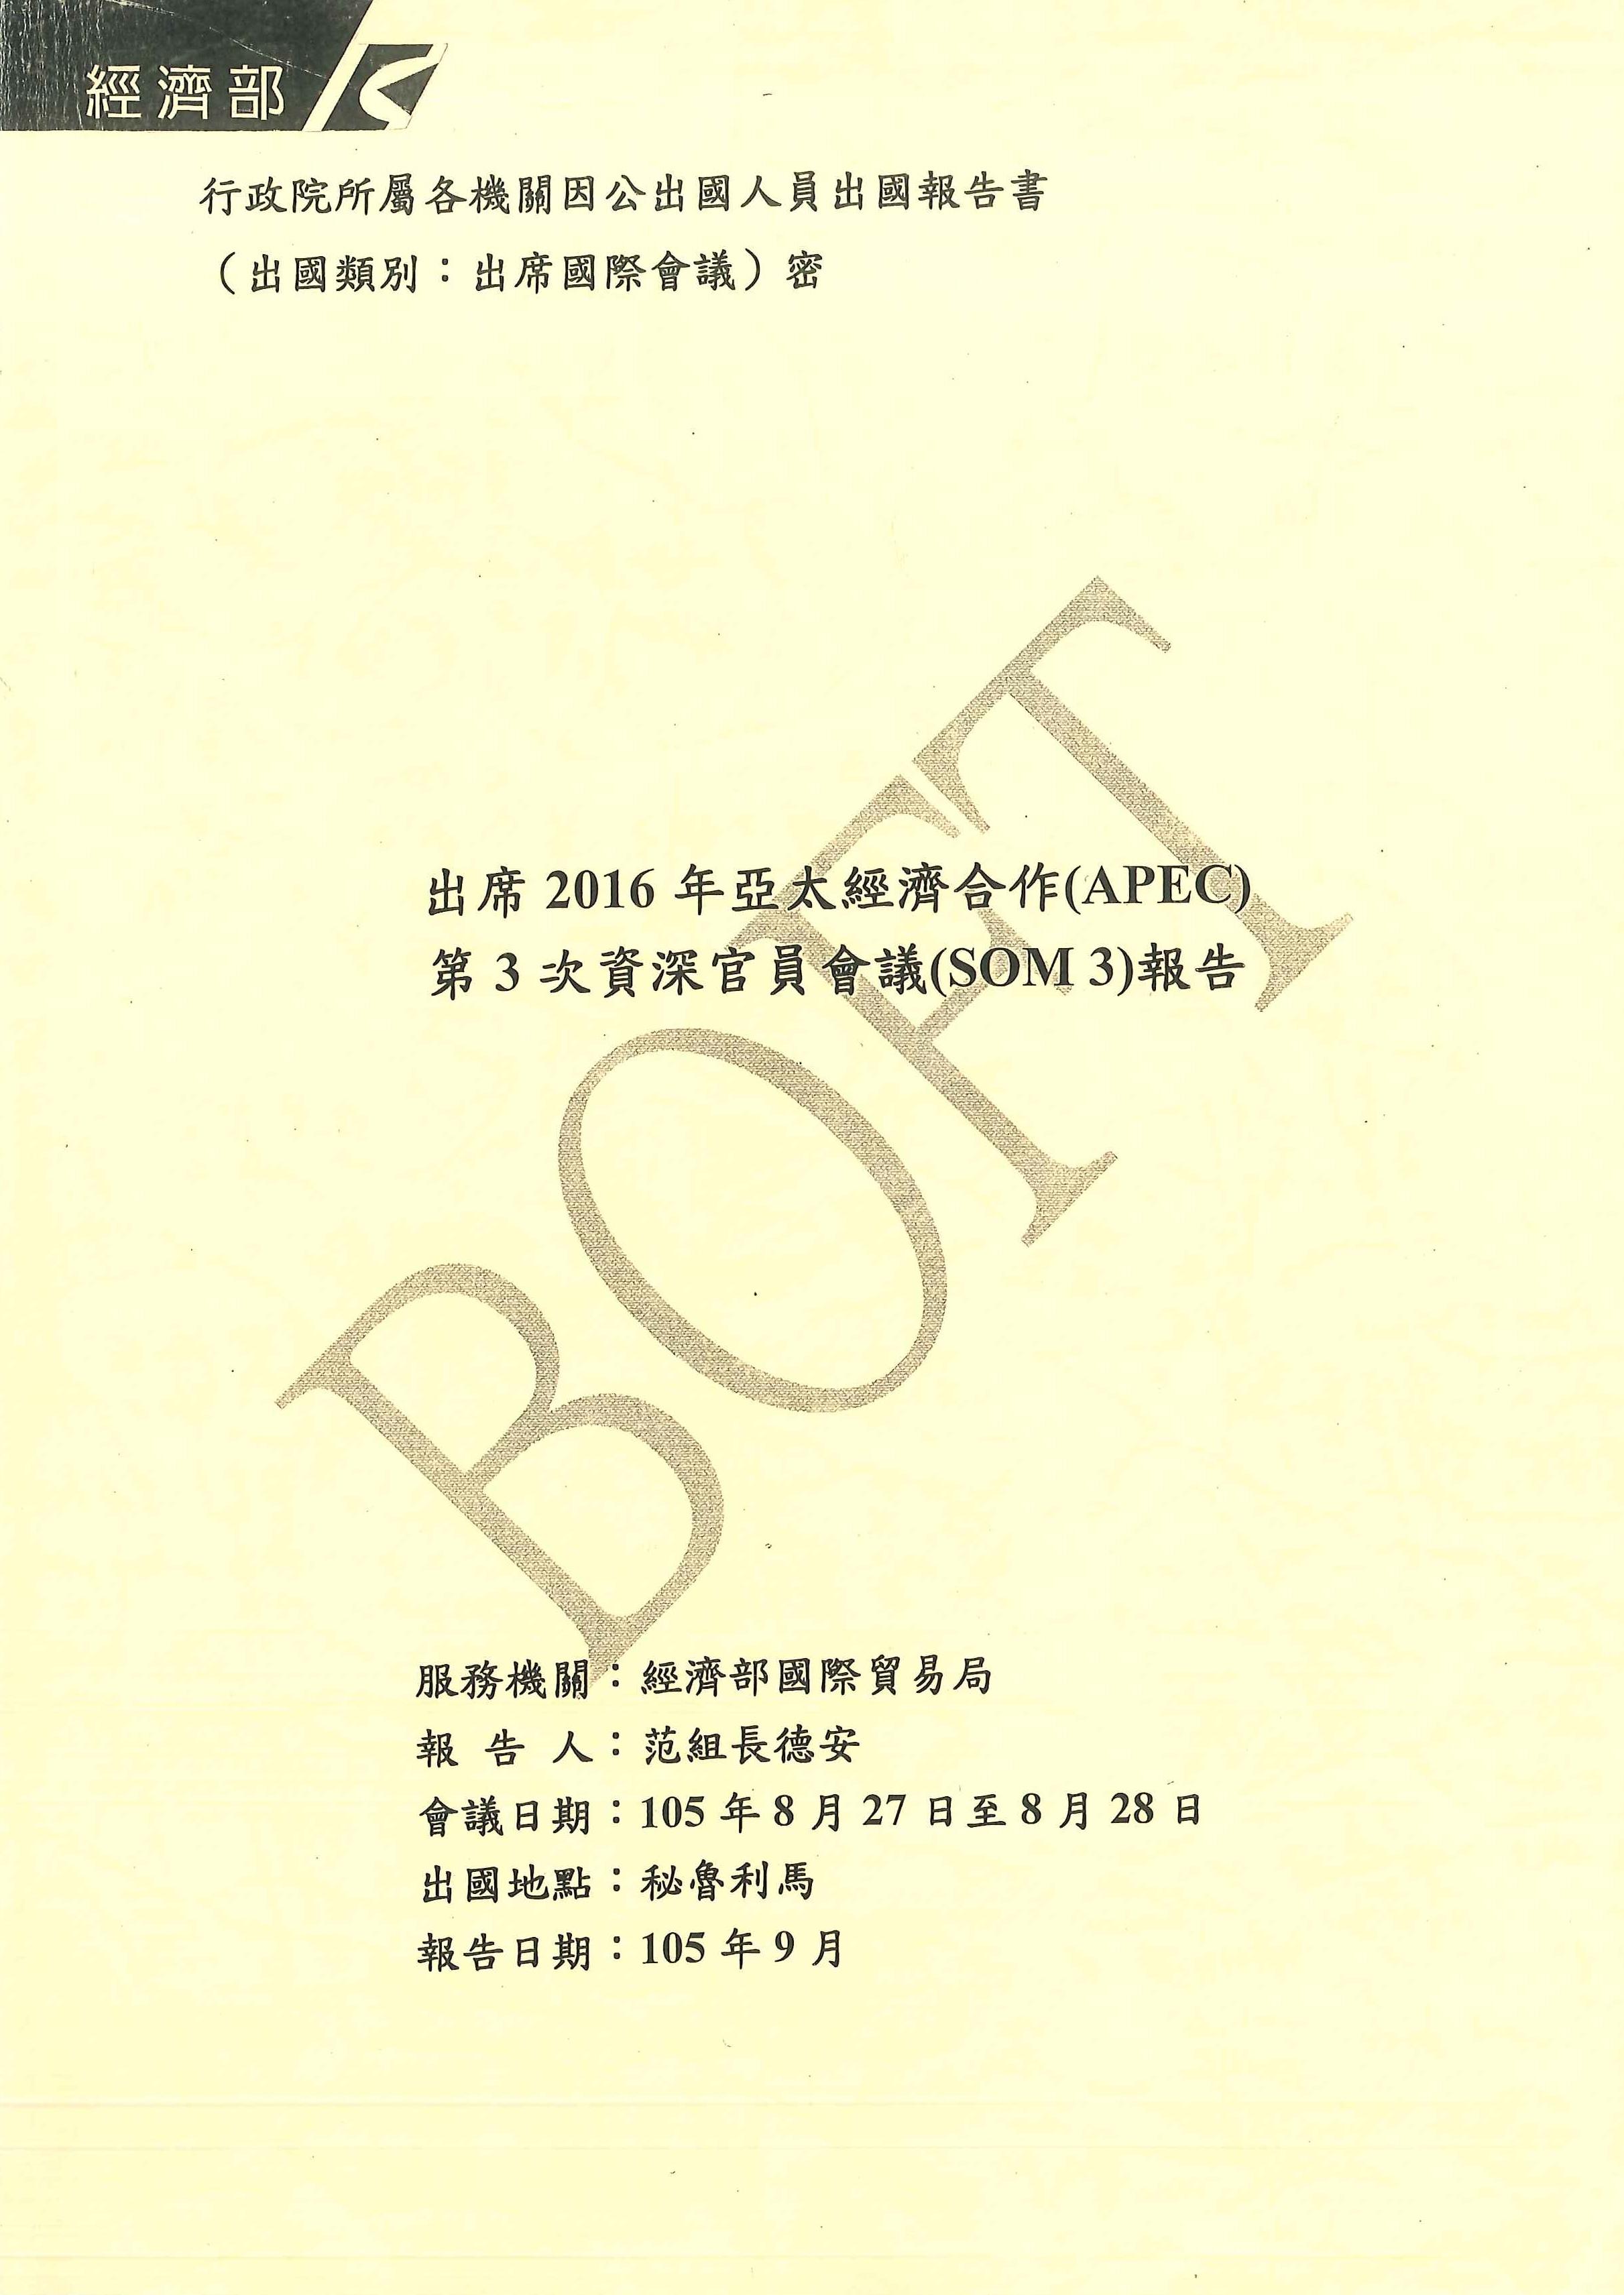 出席2016年亞太經濟合作(APEC)第3次資深官員會議(SOM3)報告